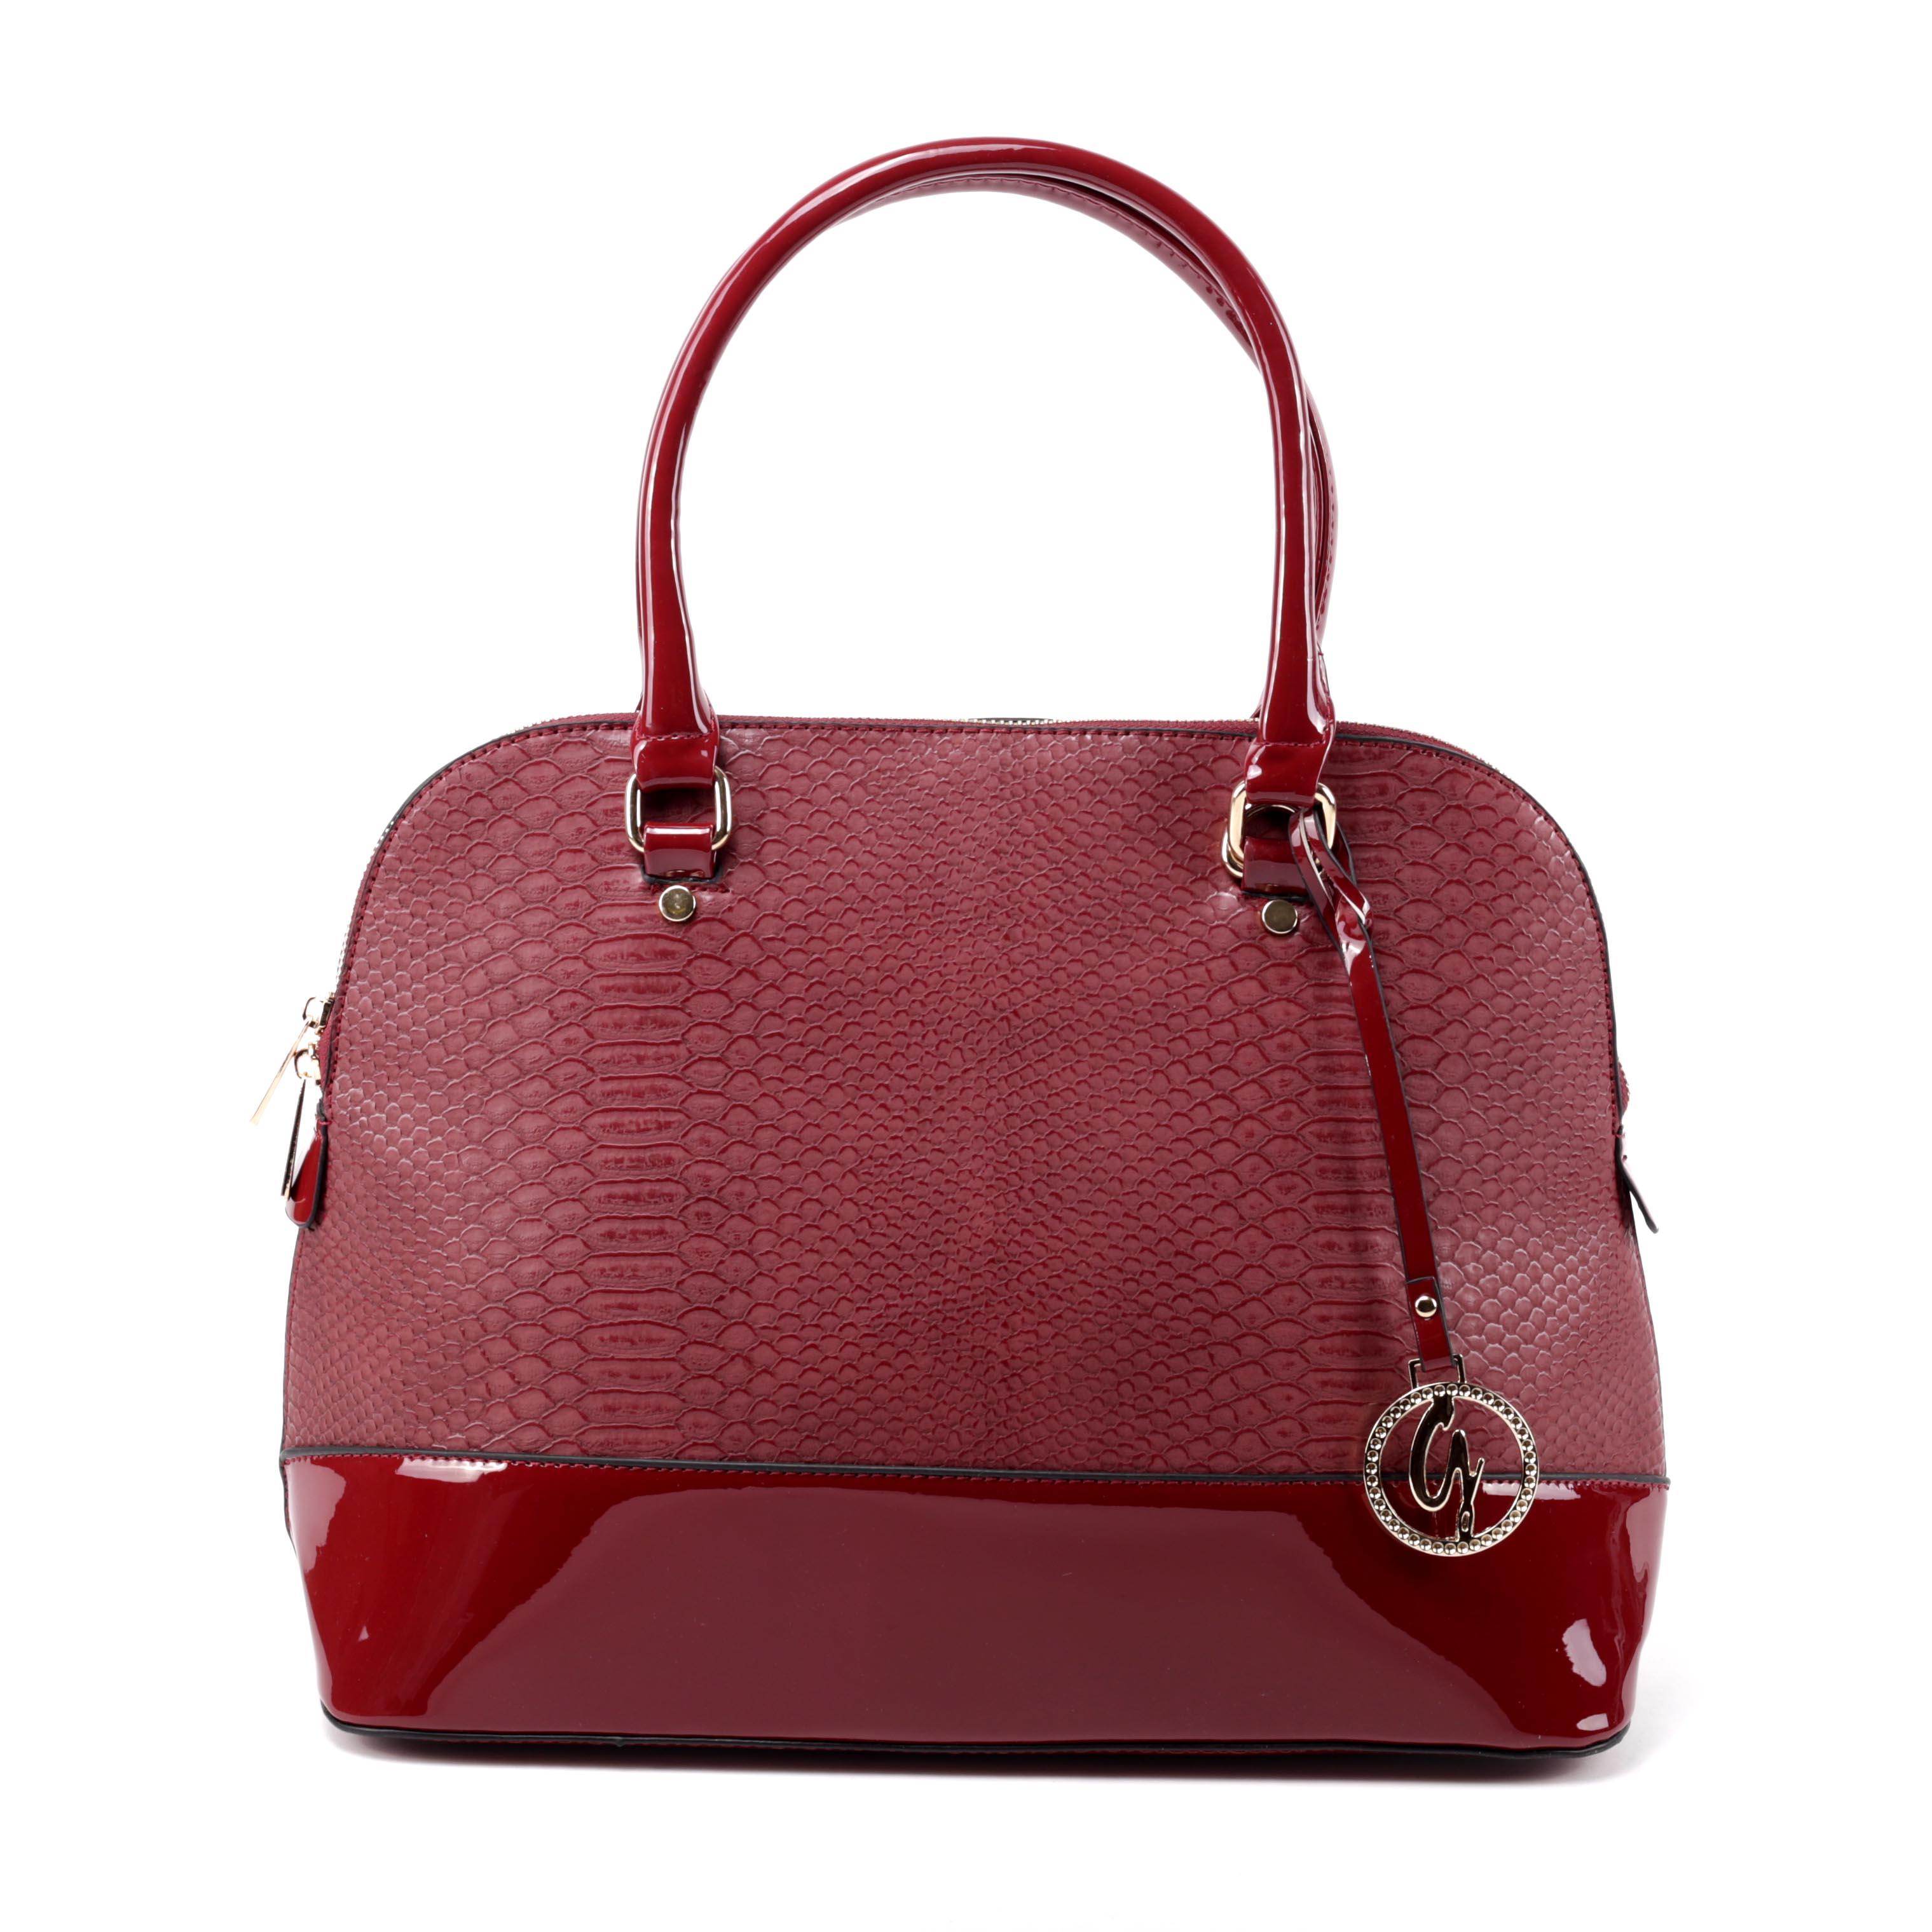 Besty Piros Női Lakk Válltáska - Kézitáskák - Táska webáruház - Minőségi  táskák mindenkinek 53fdac0908